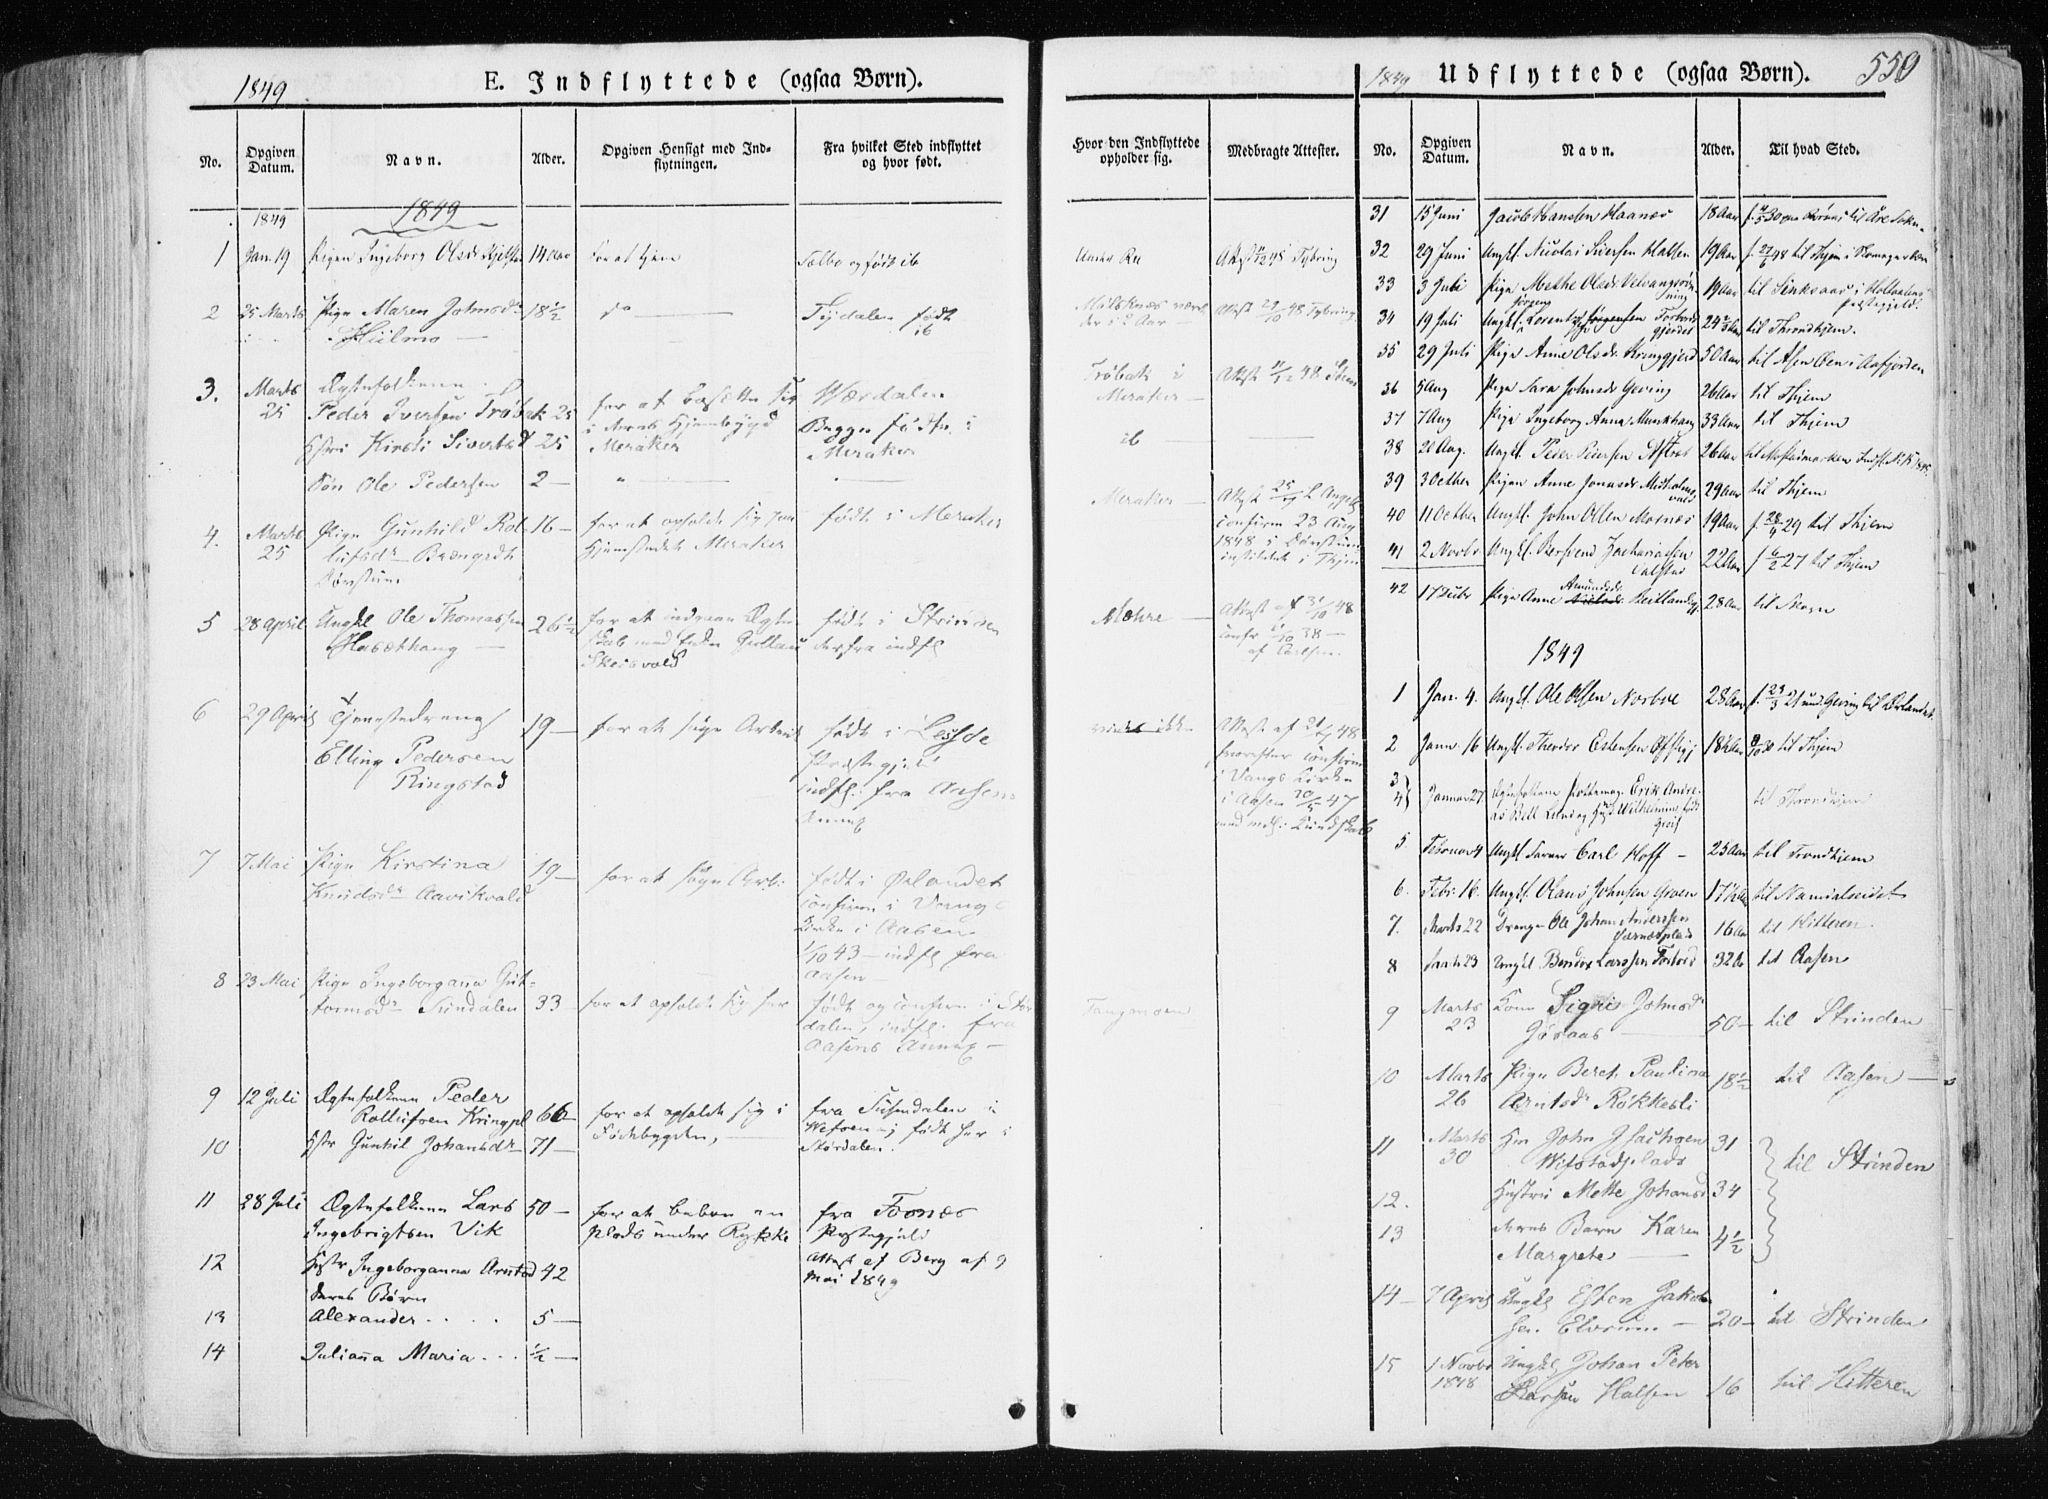 SAT, Ministerialprotokoller, klokkerbøker og fødselsregistre - Nord-Trøndelag, 709/L0074: Ministerialbok nr. 709A14, 1845-1858, s. 550